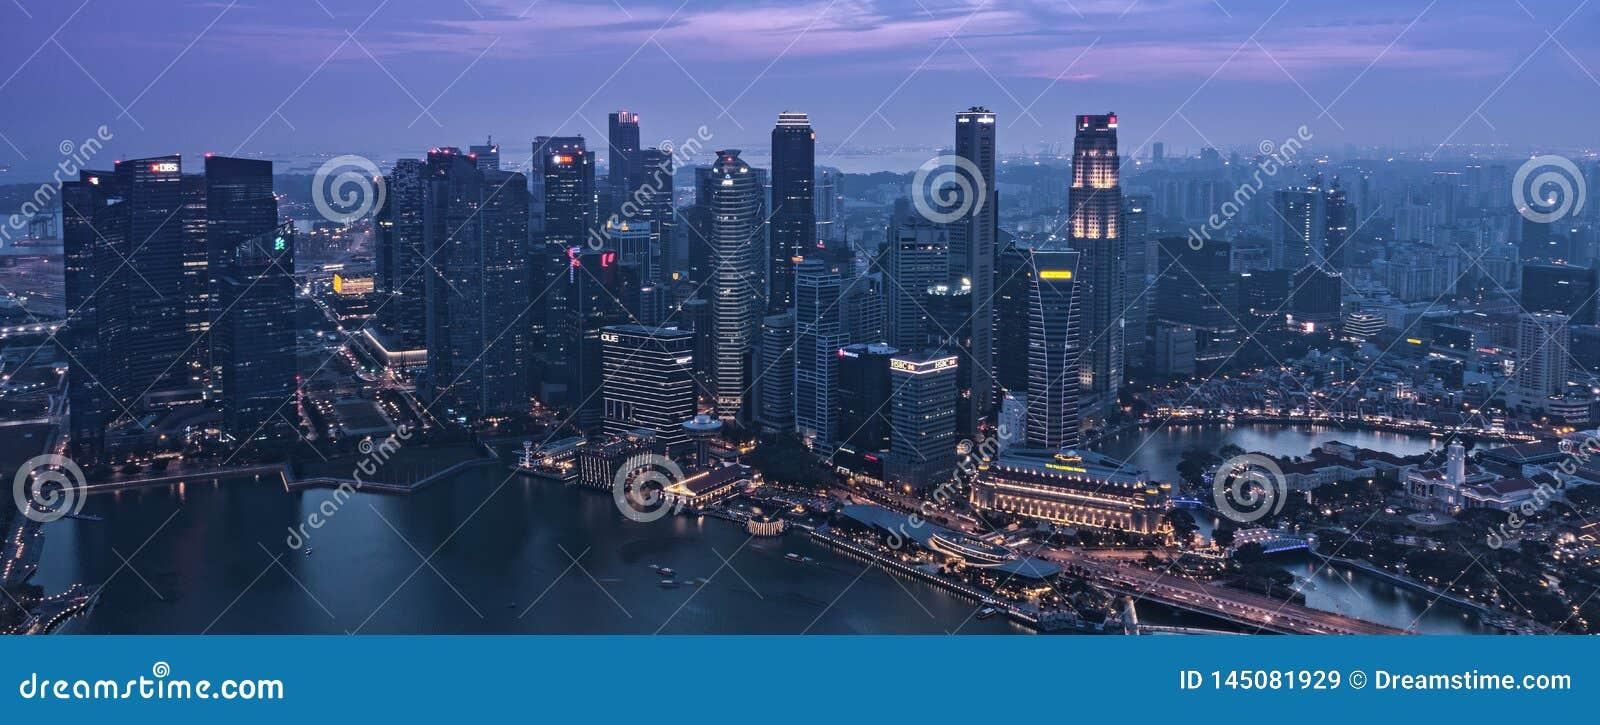 Crépuscule à Singapour CBD du centre Marina Bay Skyscrapers - réveil de la nuit